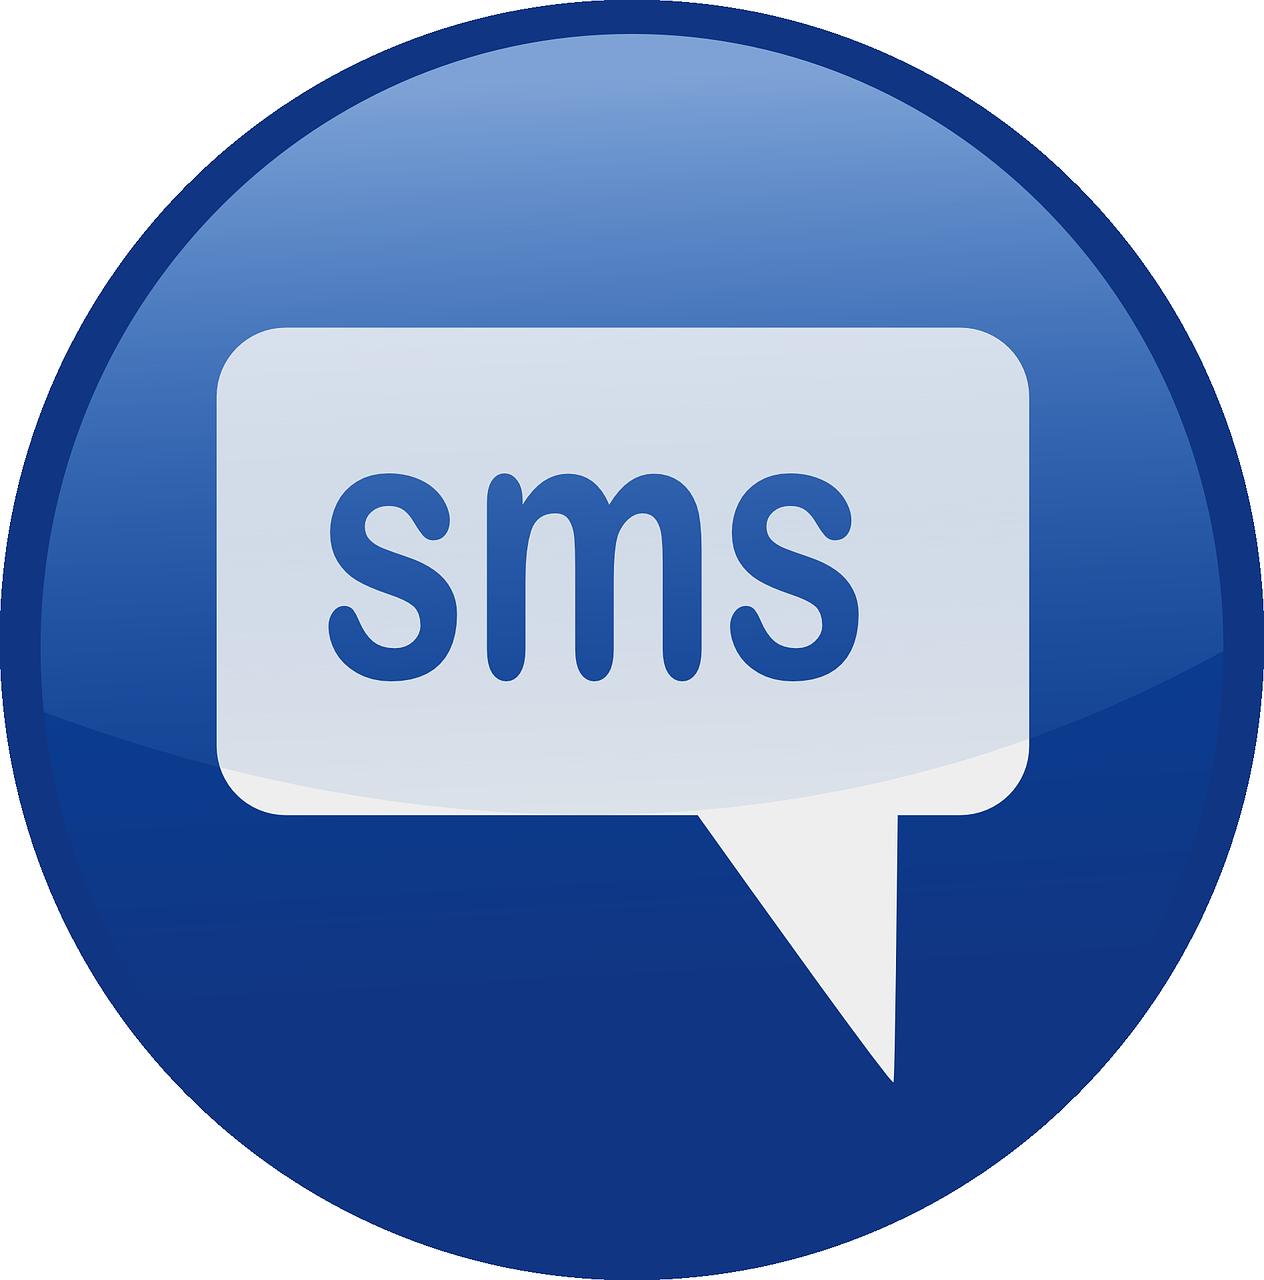 sms-marketing-toledo-ohio